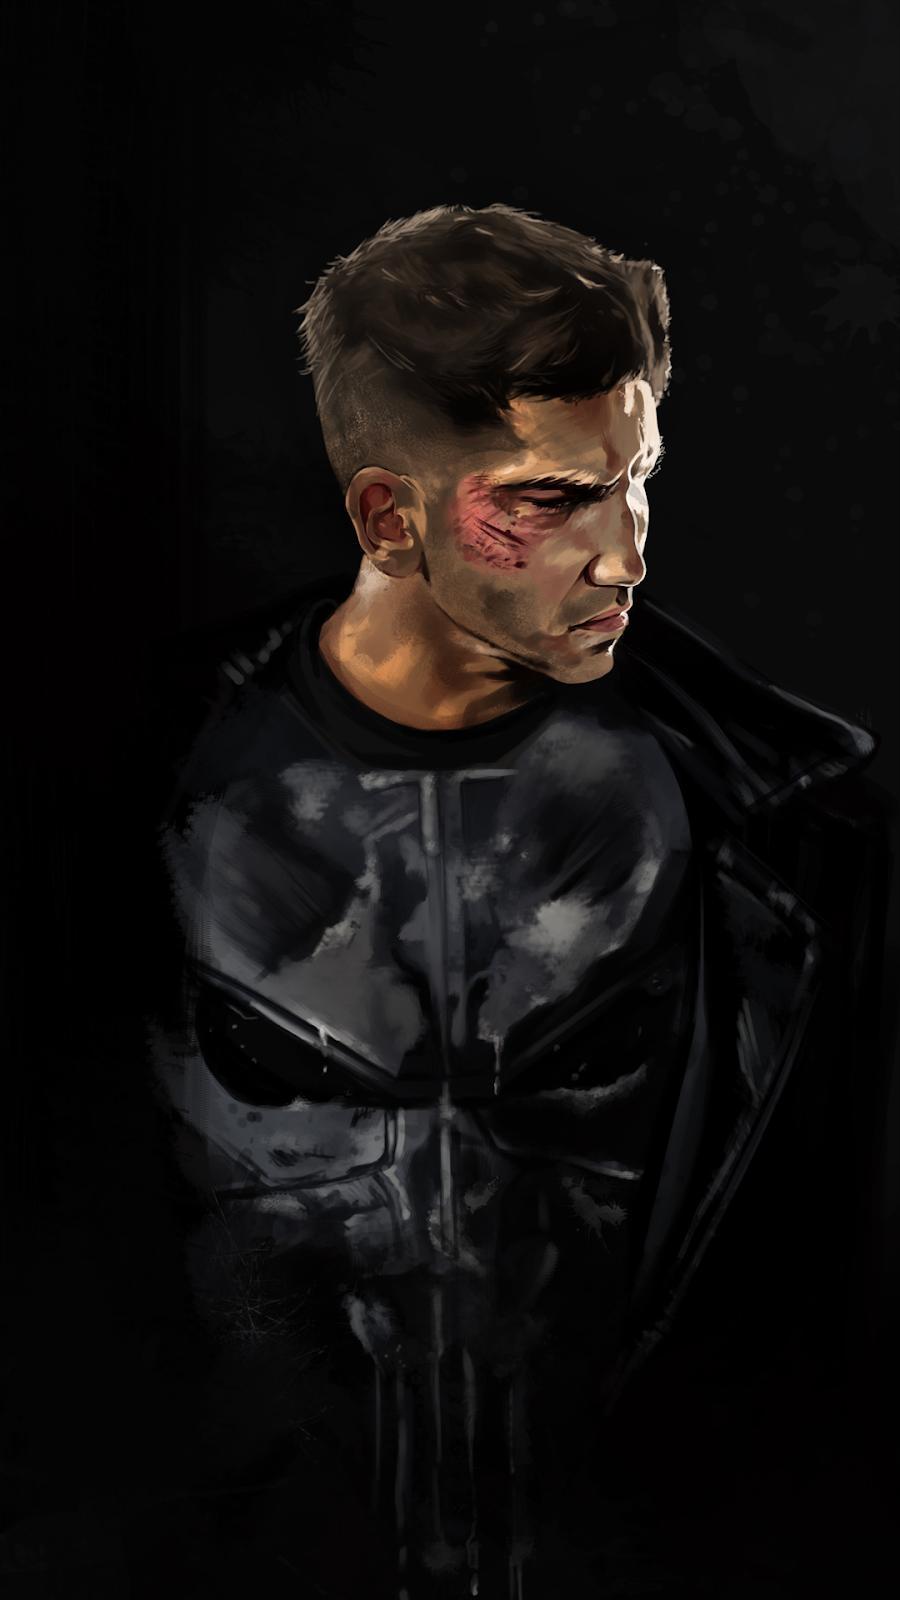 punisher black background